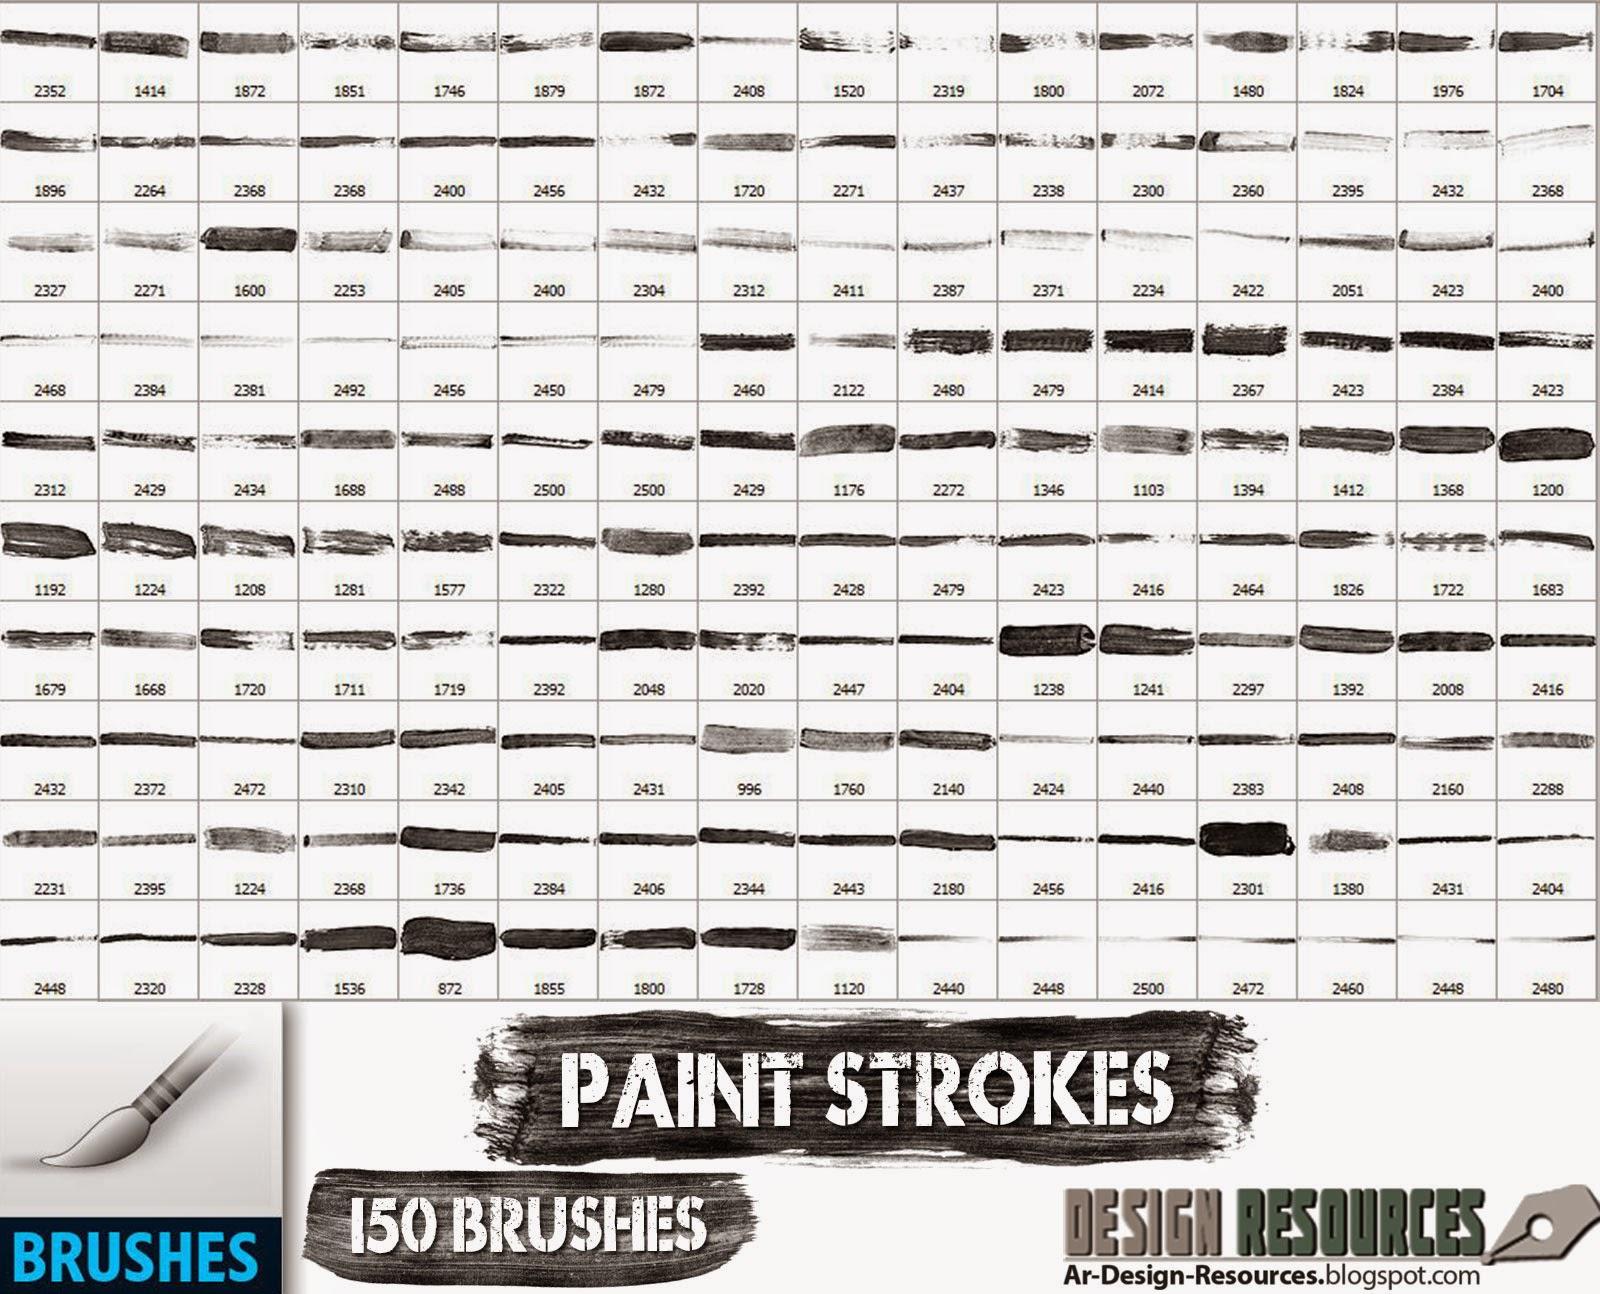 http://4.bp.blogspot.com/-q-fAzsmHAXQ/VD-rDRydqsI/AAAAAAAABAg/NliViMgYsS0/s1600/150-Paint-Strokes_Ar-design-Resources_Prvew.jpg